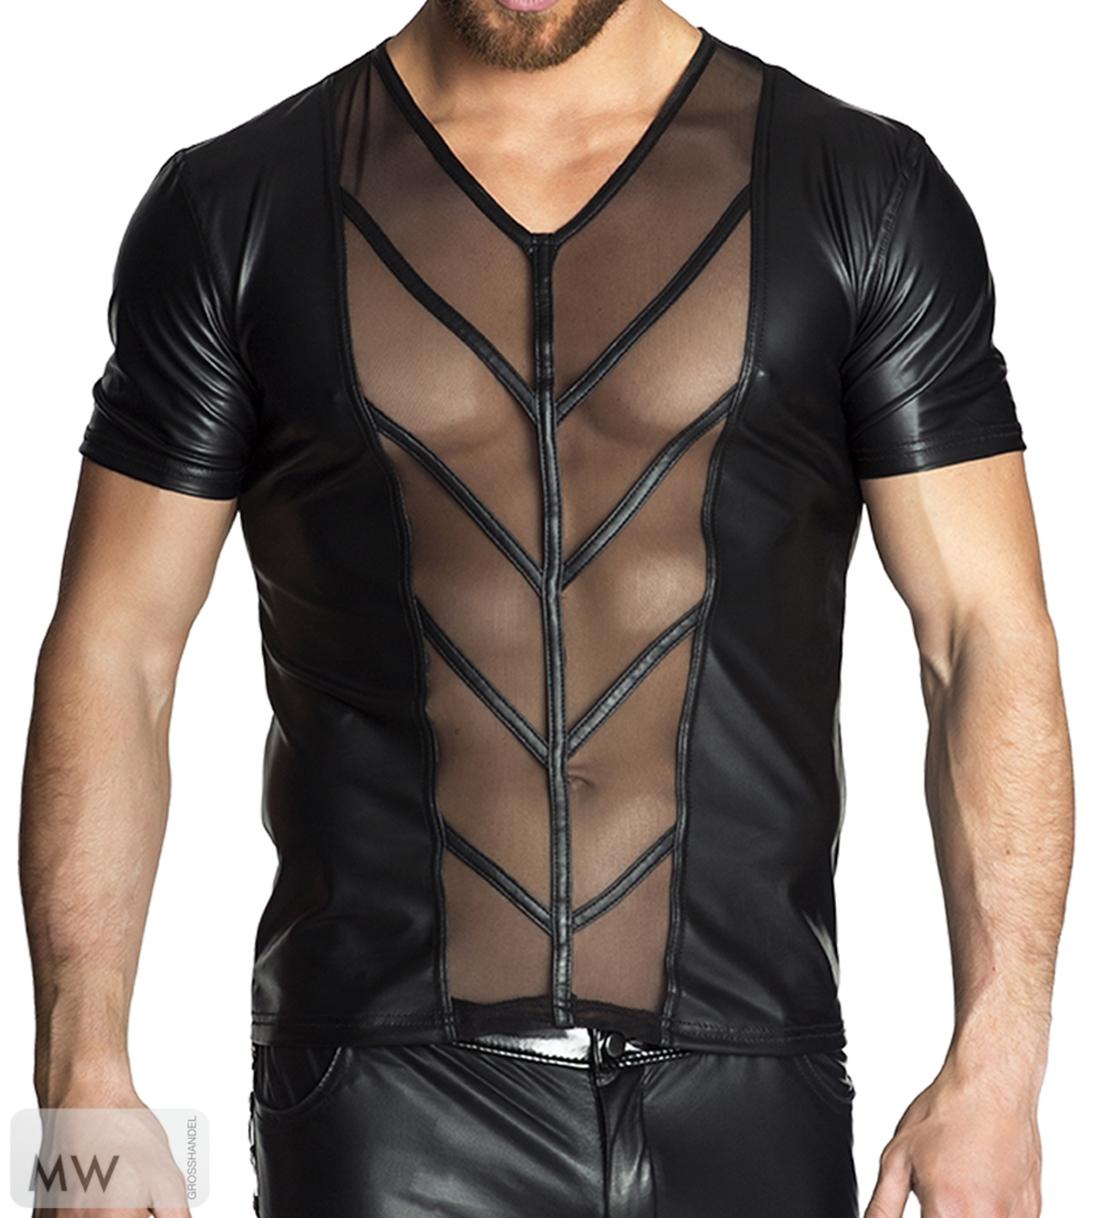 size 40 f95c1 c59e3 Schwarzes Herren Shirt teiltransparent aus wetlook Material und Tüll Männer  Dessous Shirt